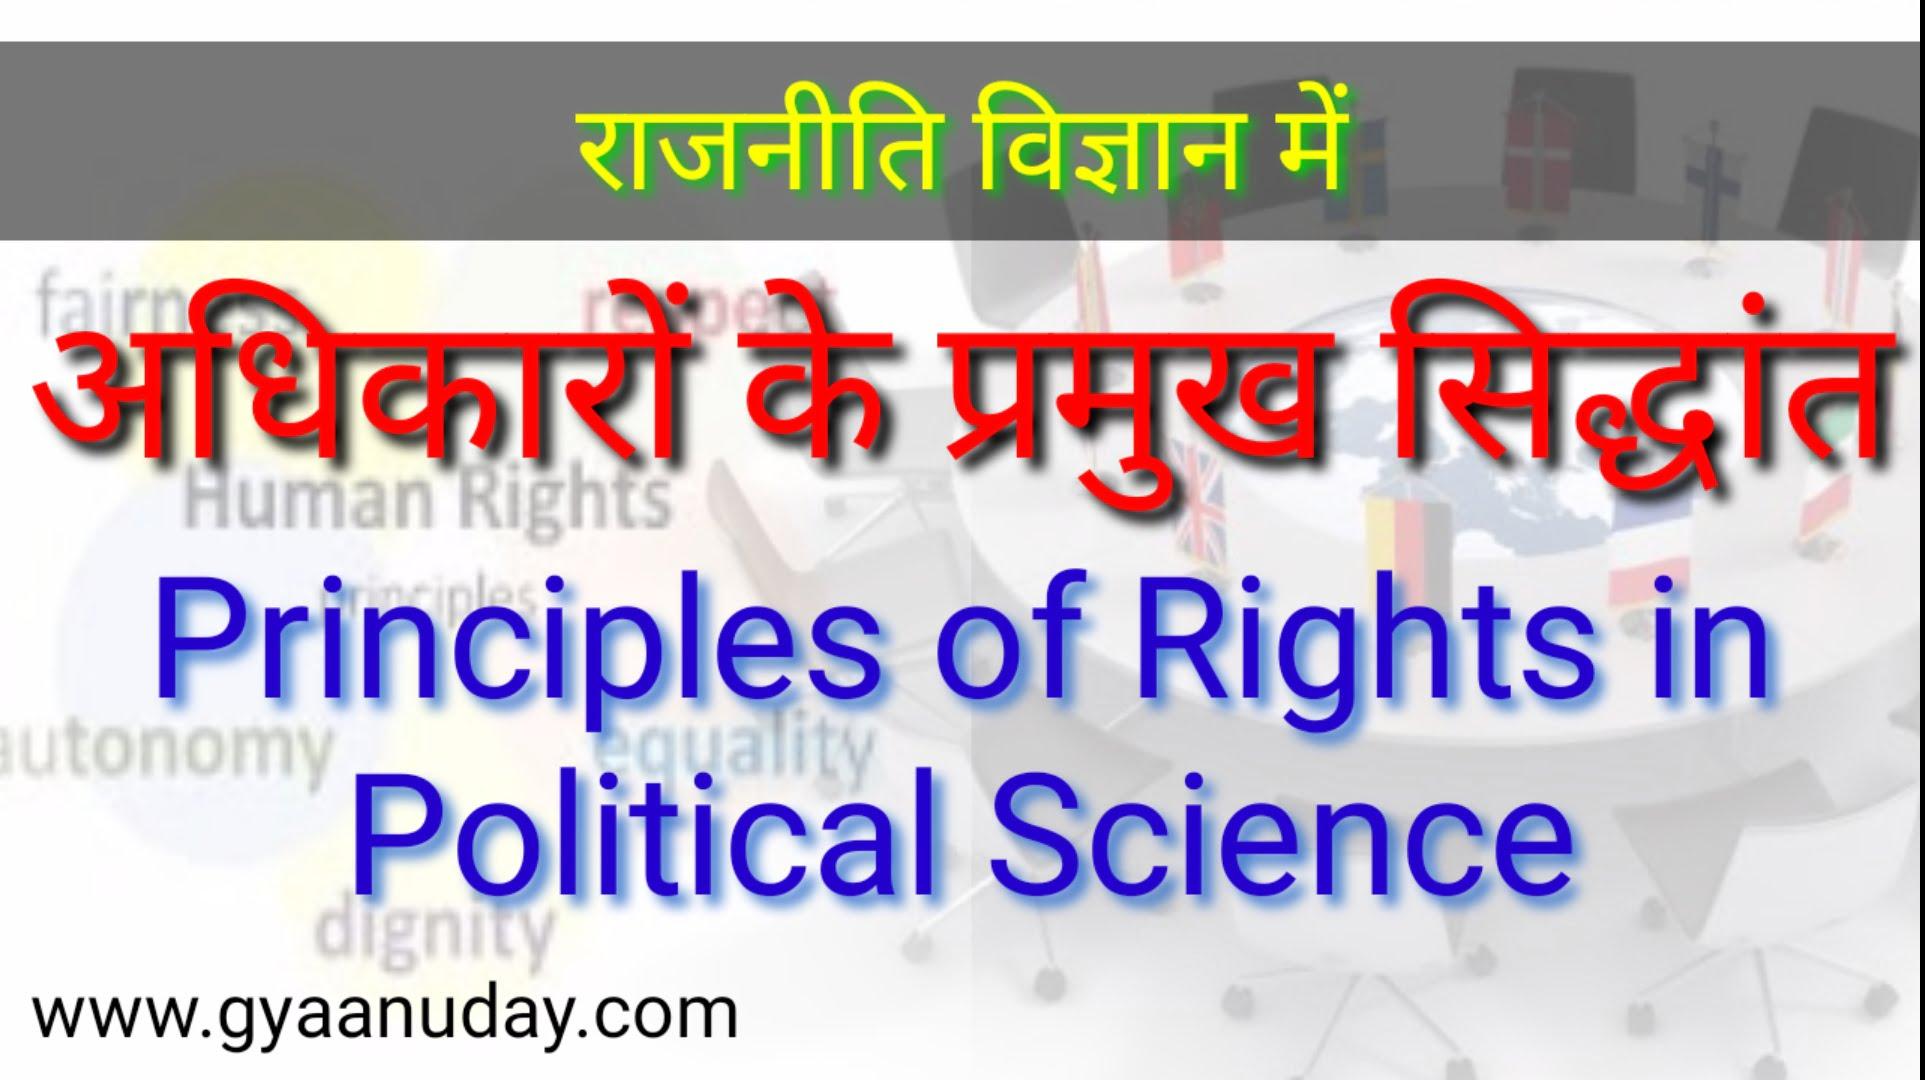 राजनीति विज्ञान में अधिकारों के प्रमुख सिद्धान्त